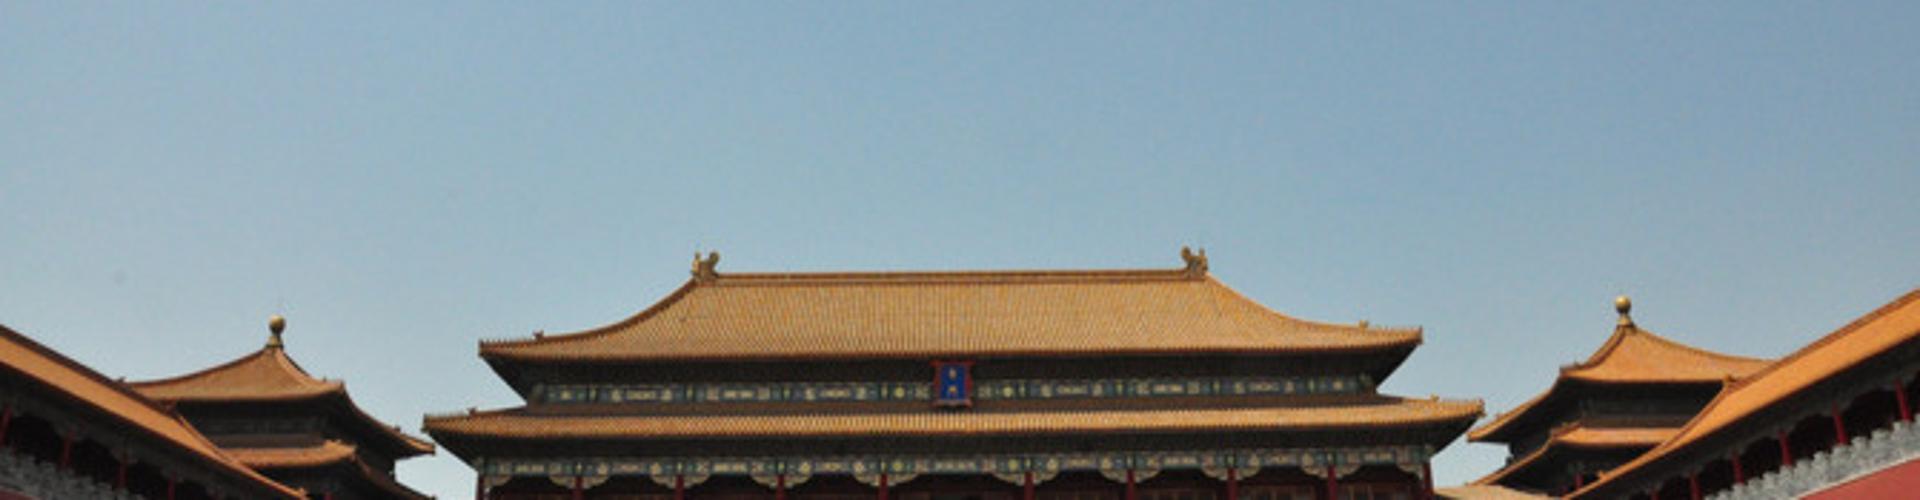 中俄帝都之旅:北京、莫斯科、圣彼得堡【三】北京故宫